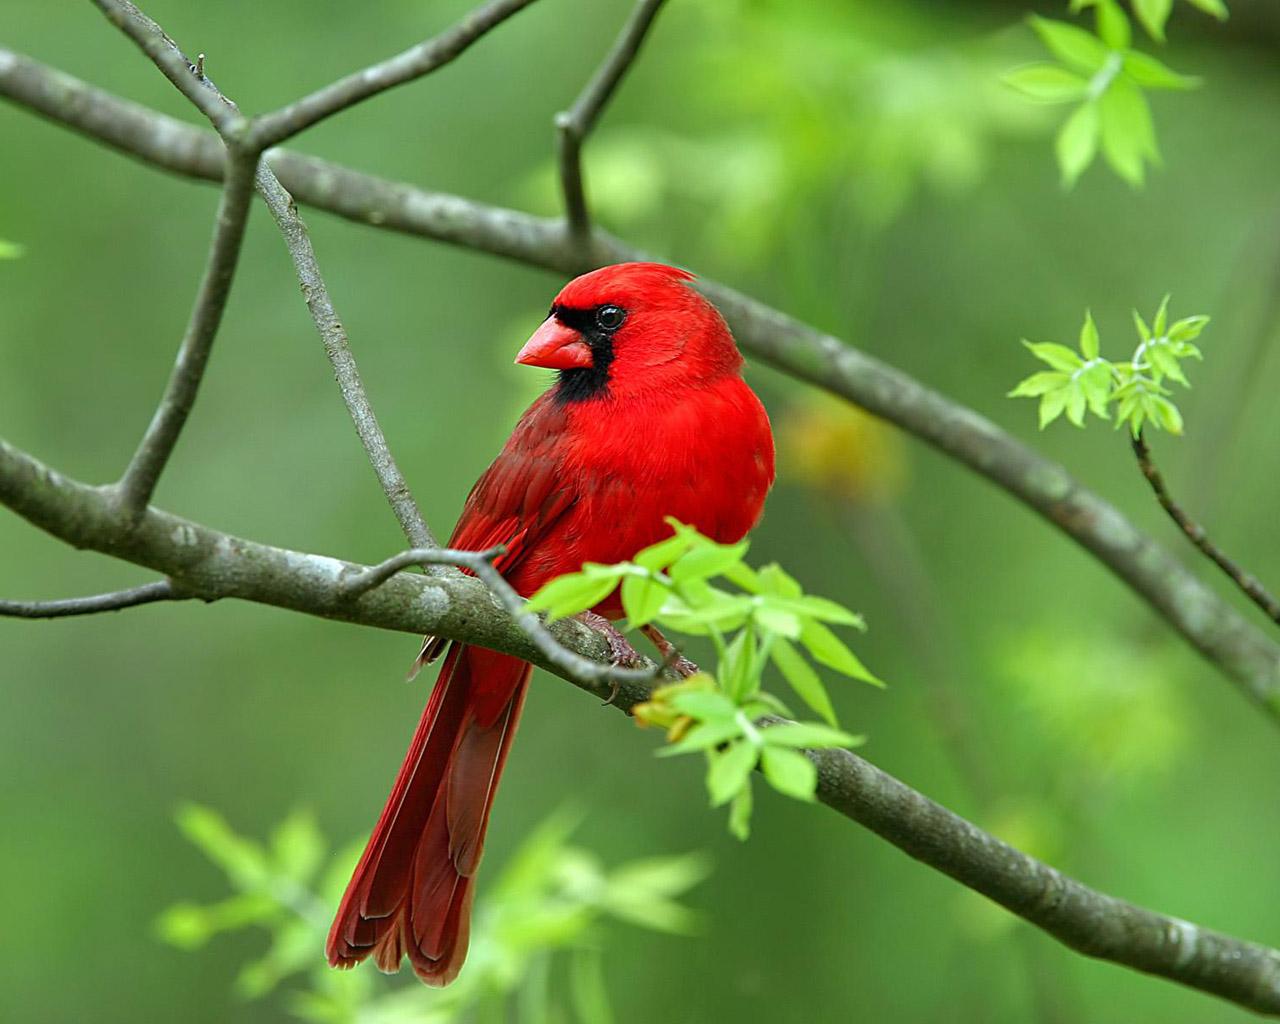 بالصور صور عصافير , صور عصافير جميله 5532 4